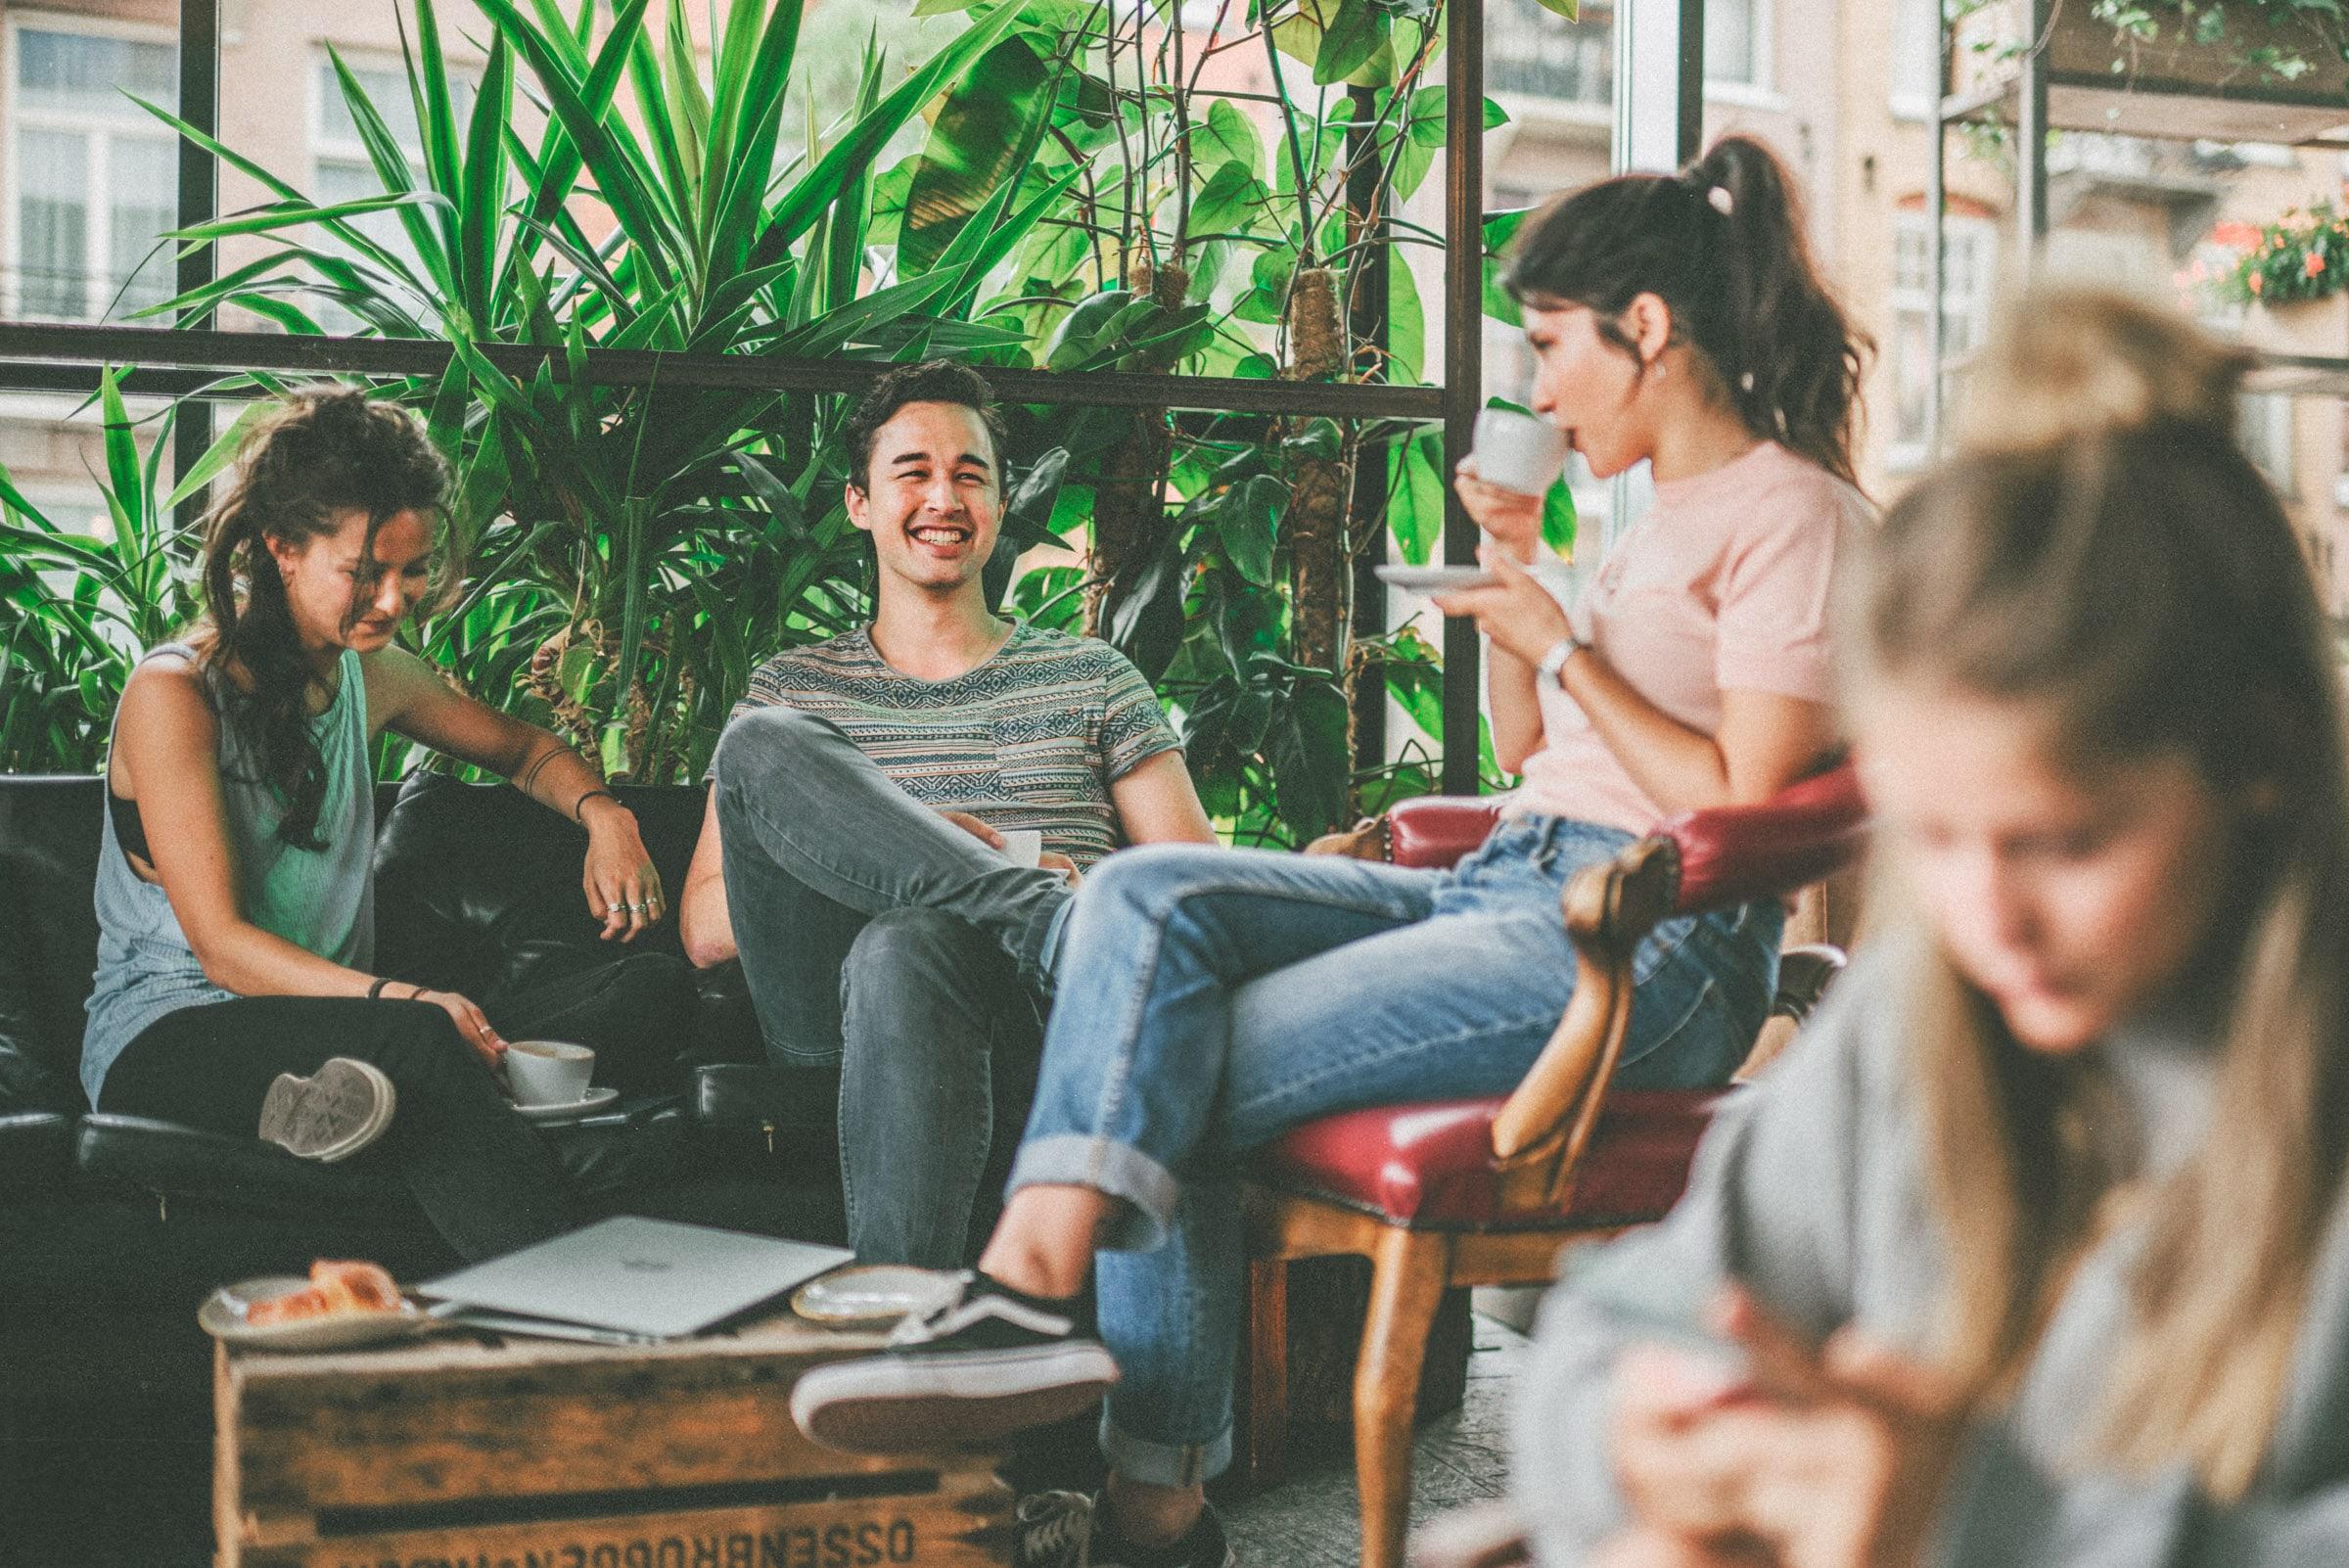 Eine Gruppe Studenten sitzt bei Kaffee zusammen